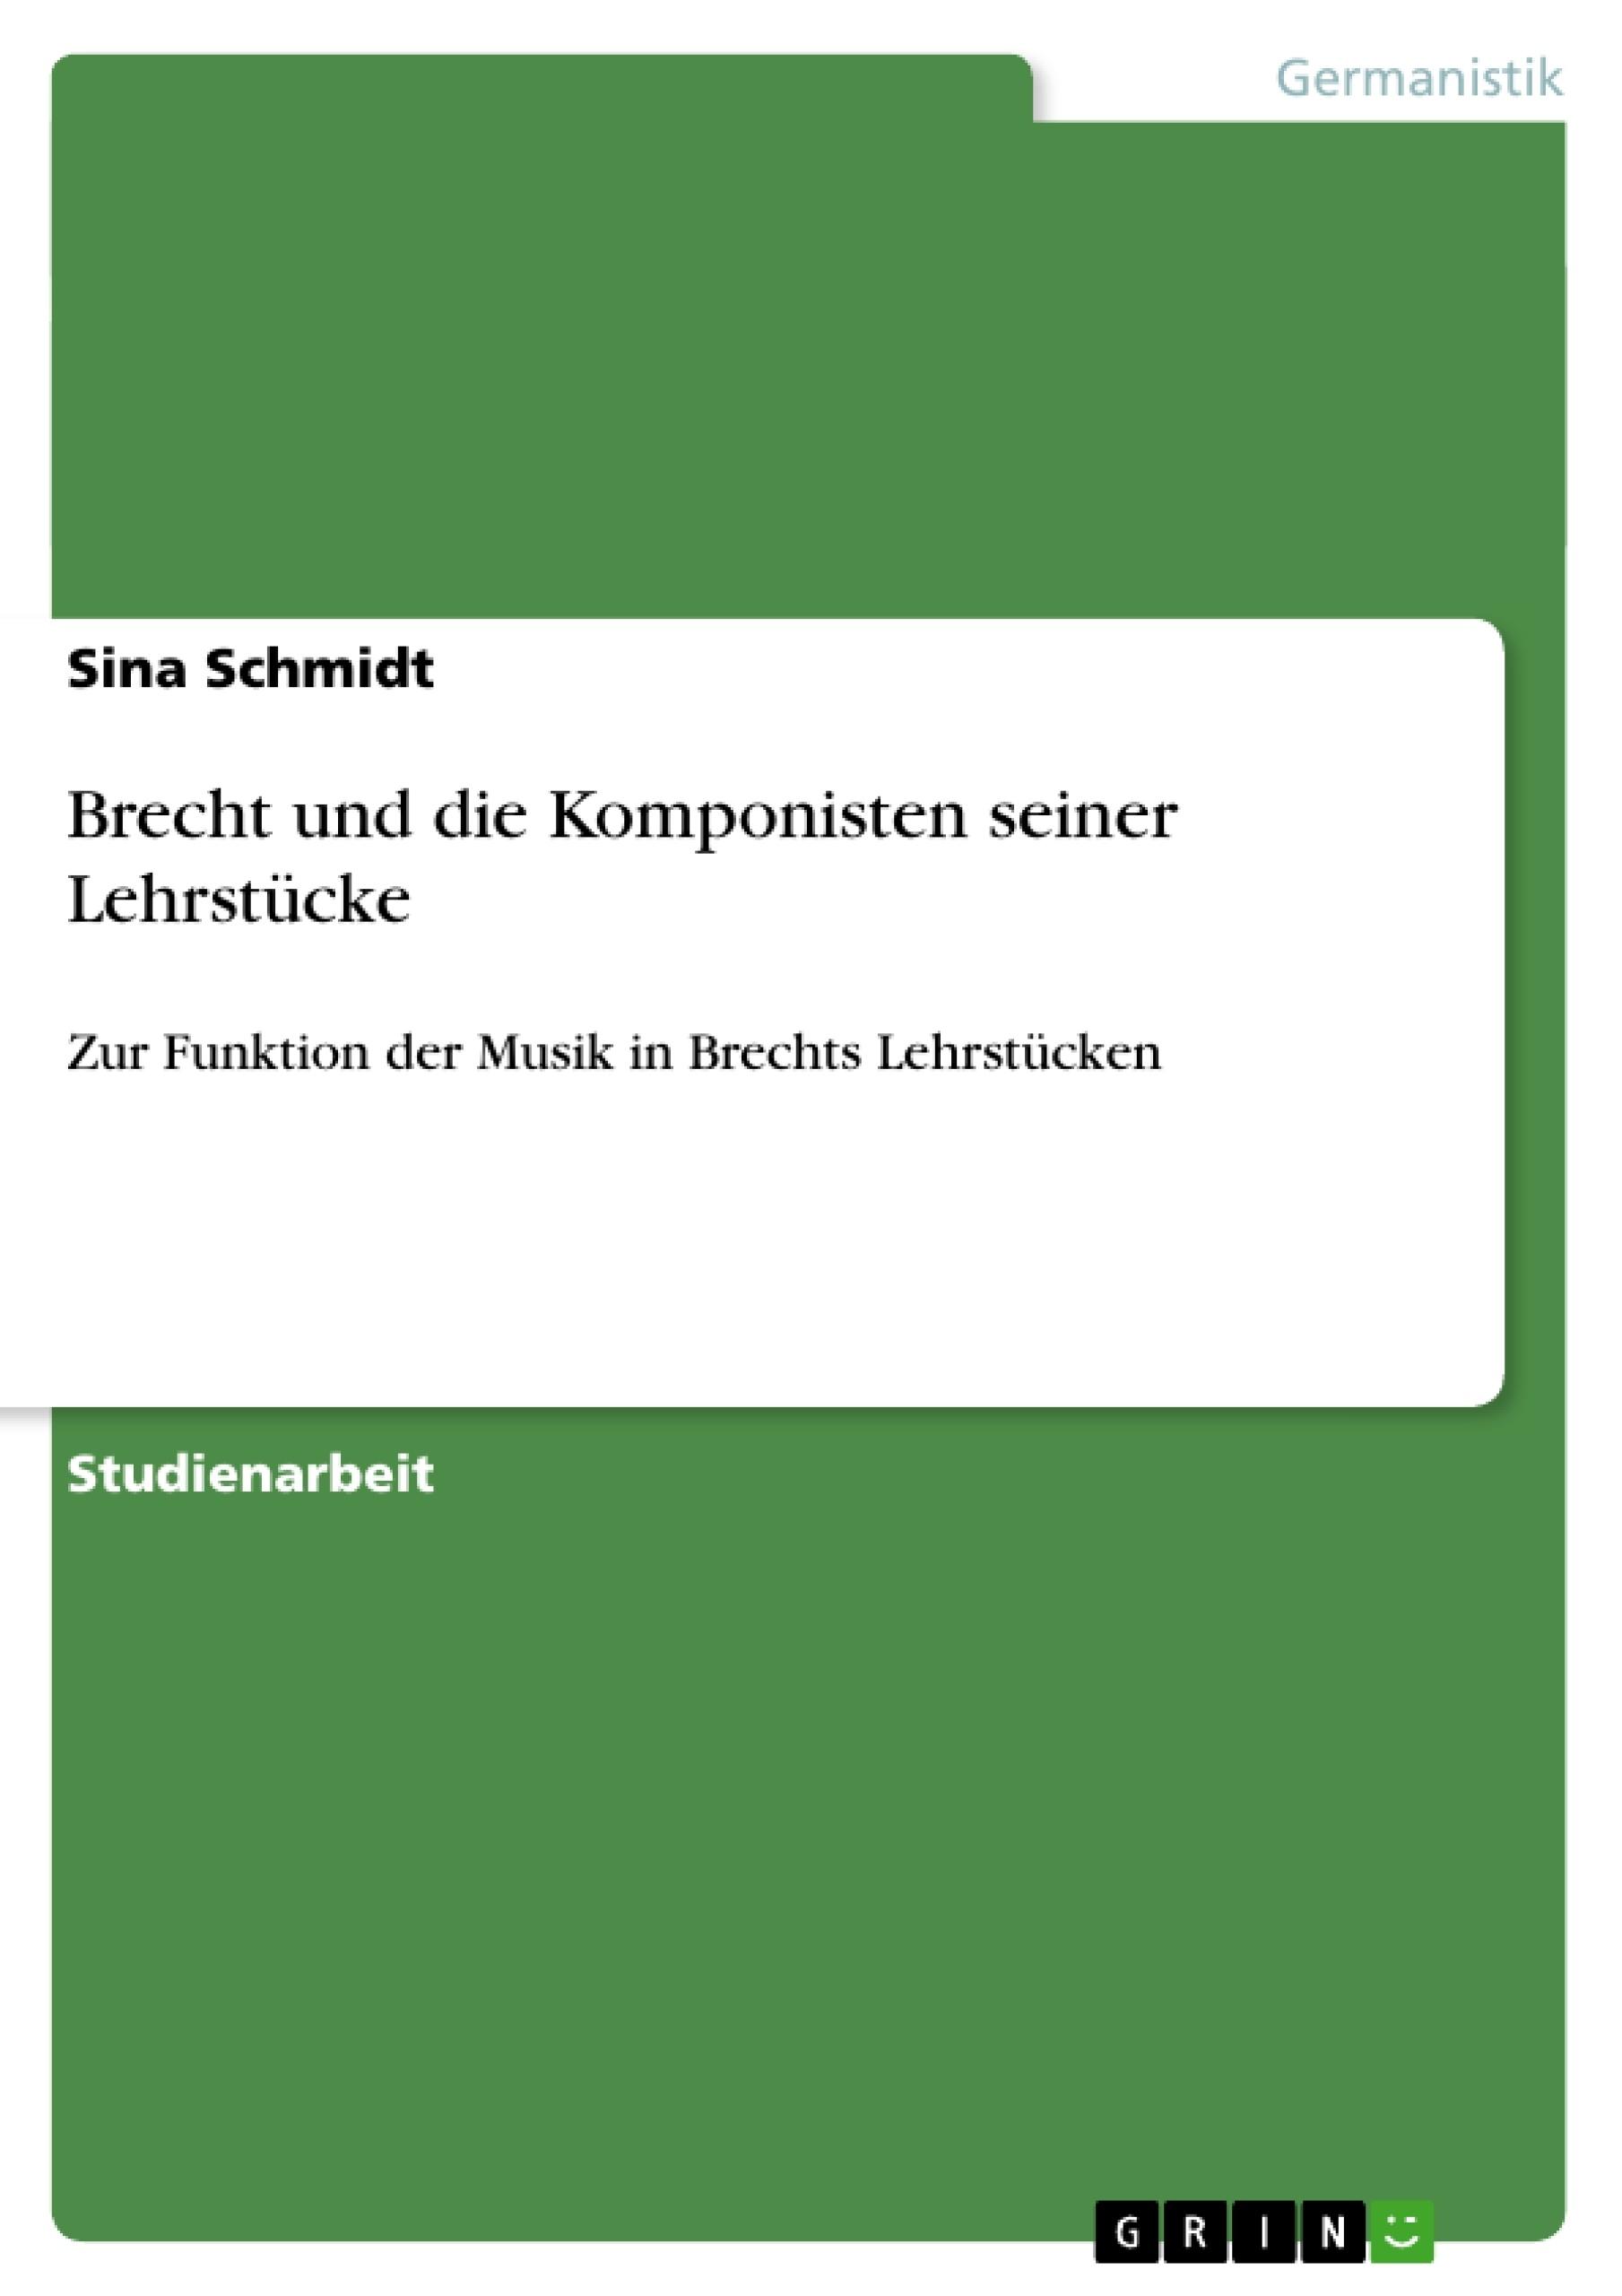 Titel: Brecht und die Komponisten seiner Lehrstücke